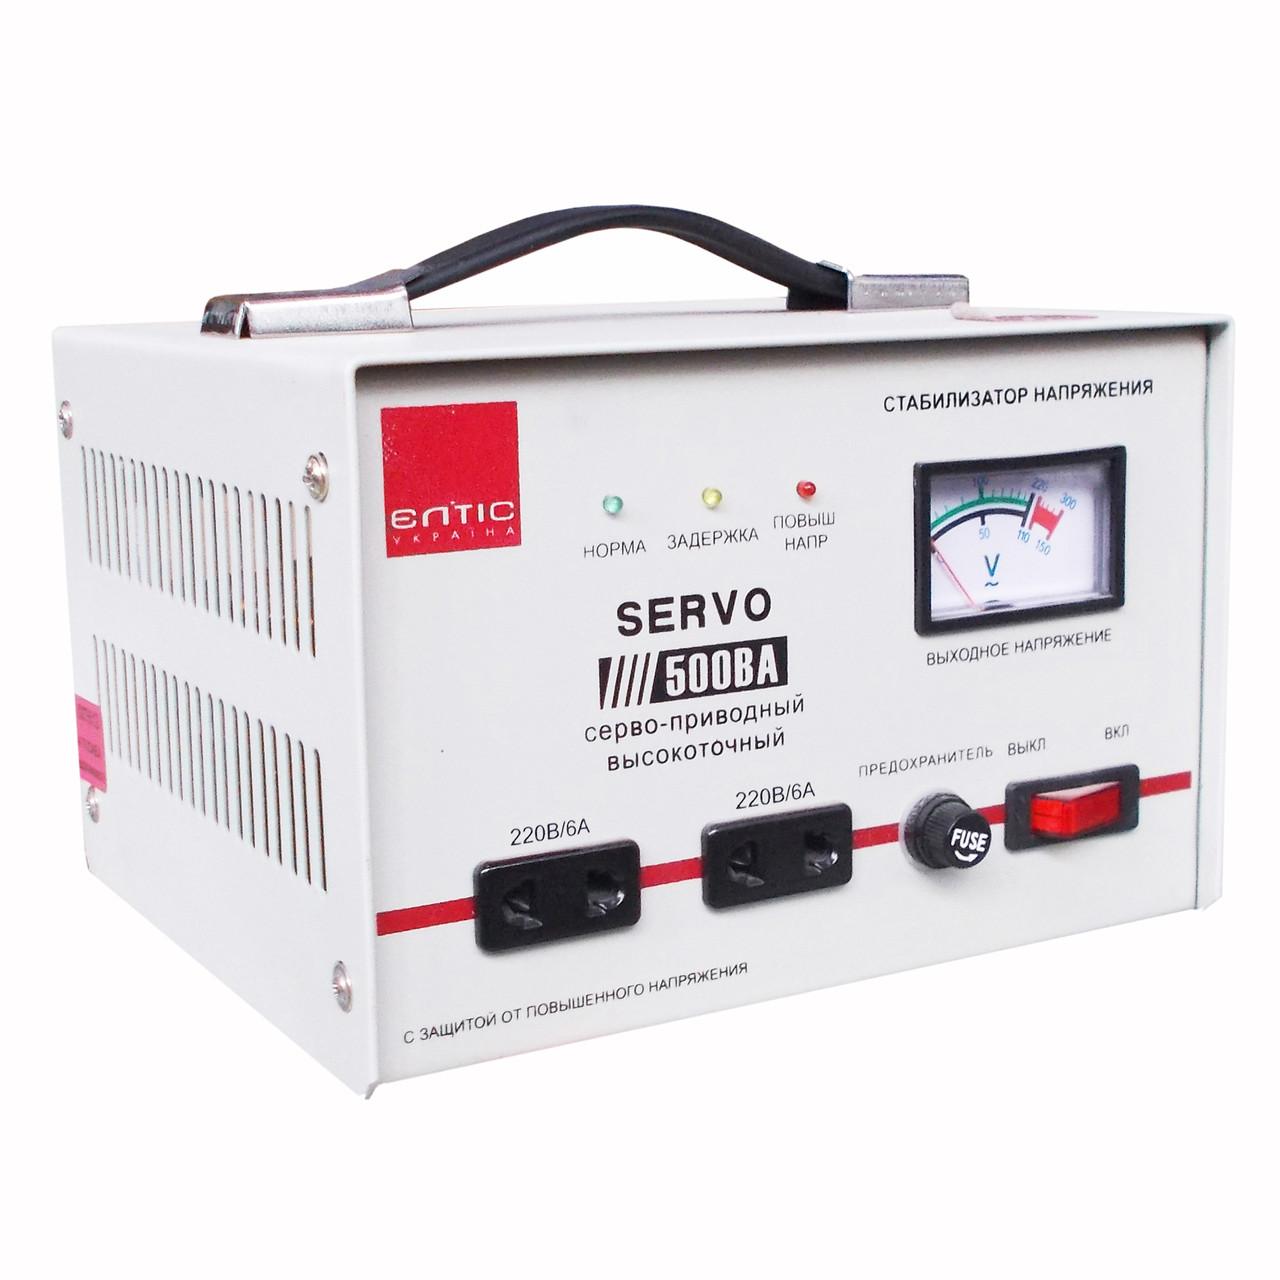 Однофазный сервоприводный стабилизатор напряжения Елтис SERVO 500